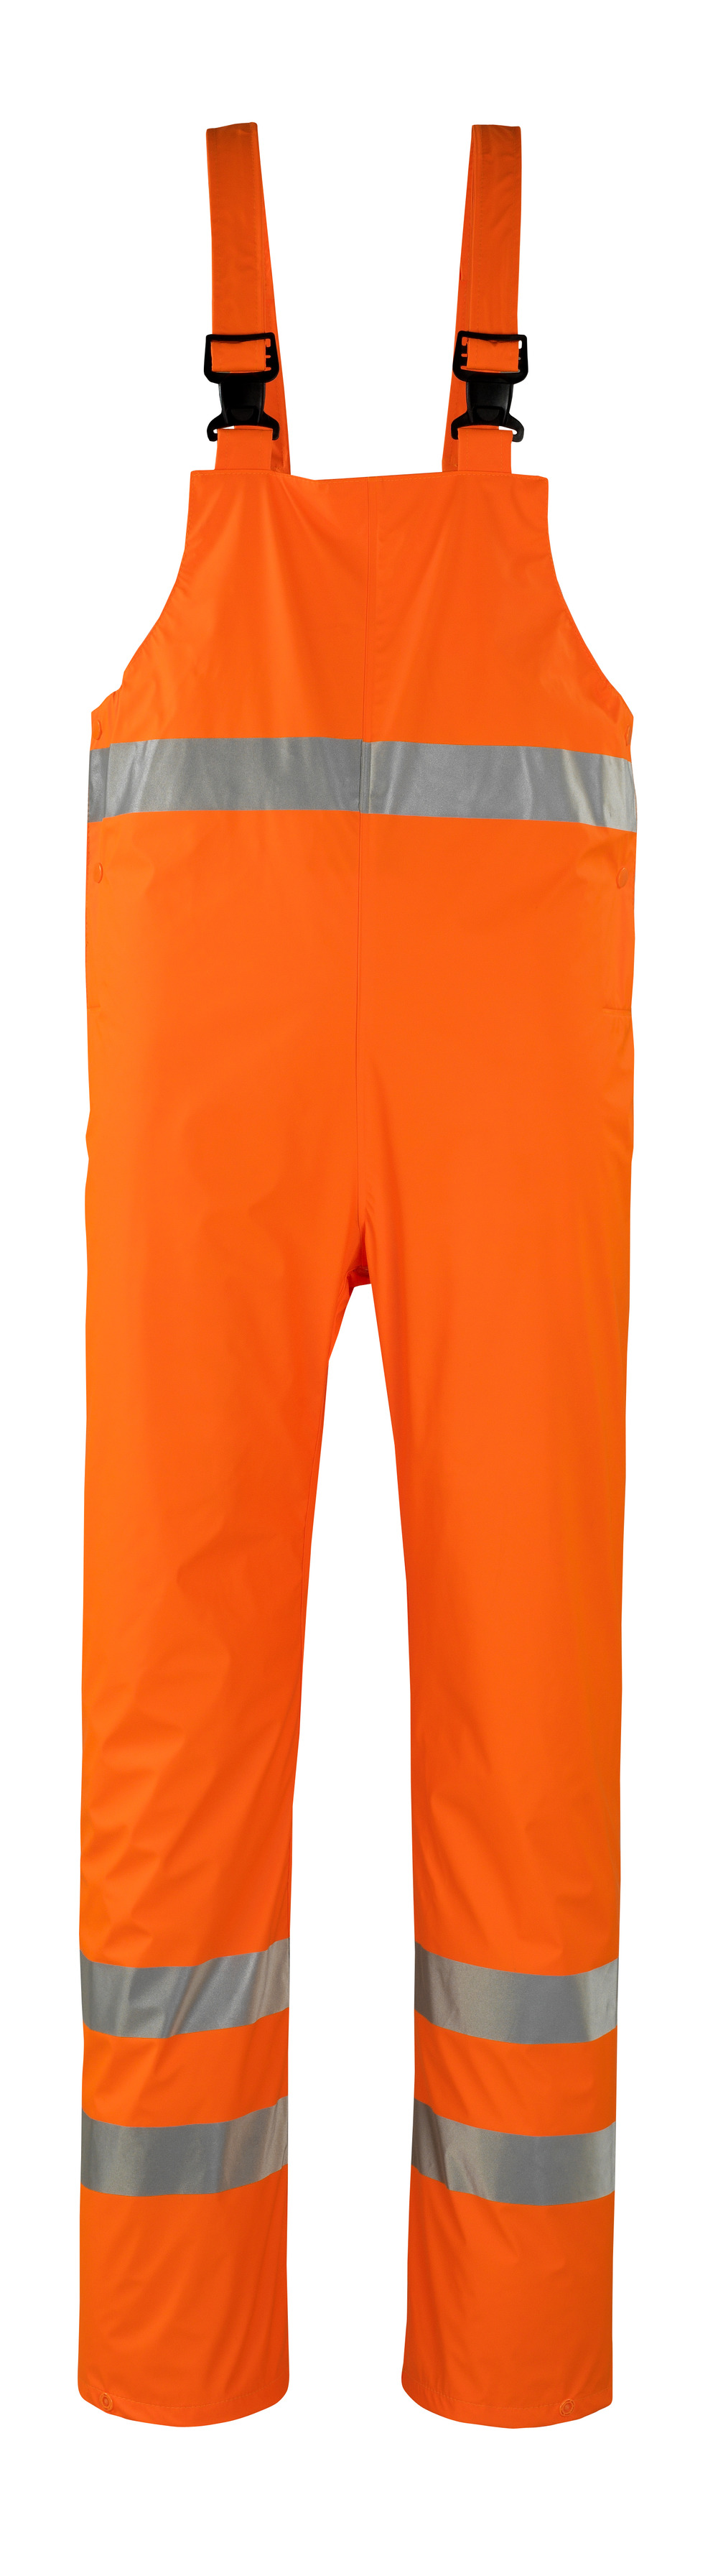 50103-814-14 Regenlatzhose - hi-vis Orange